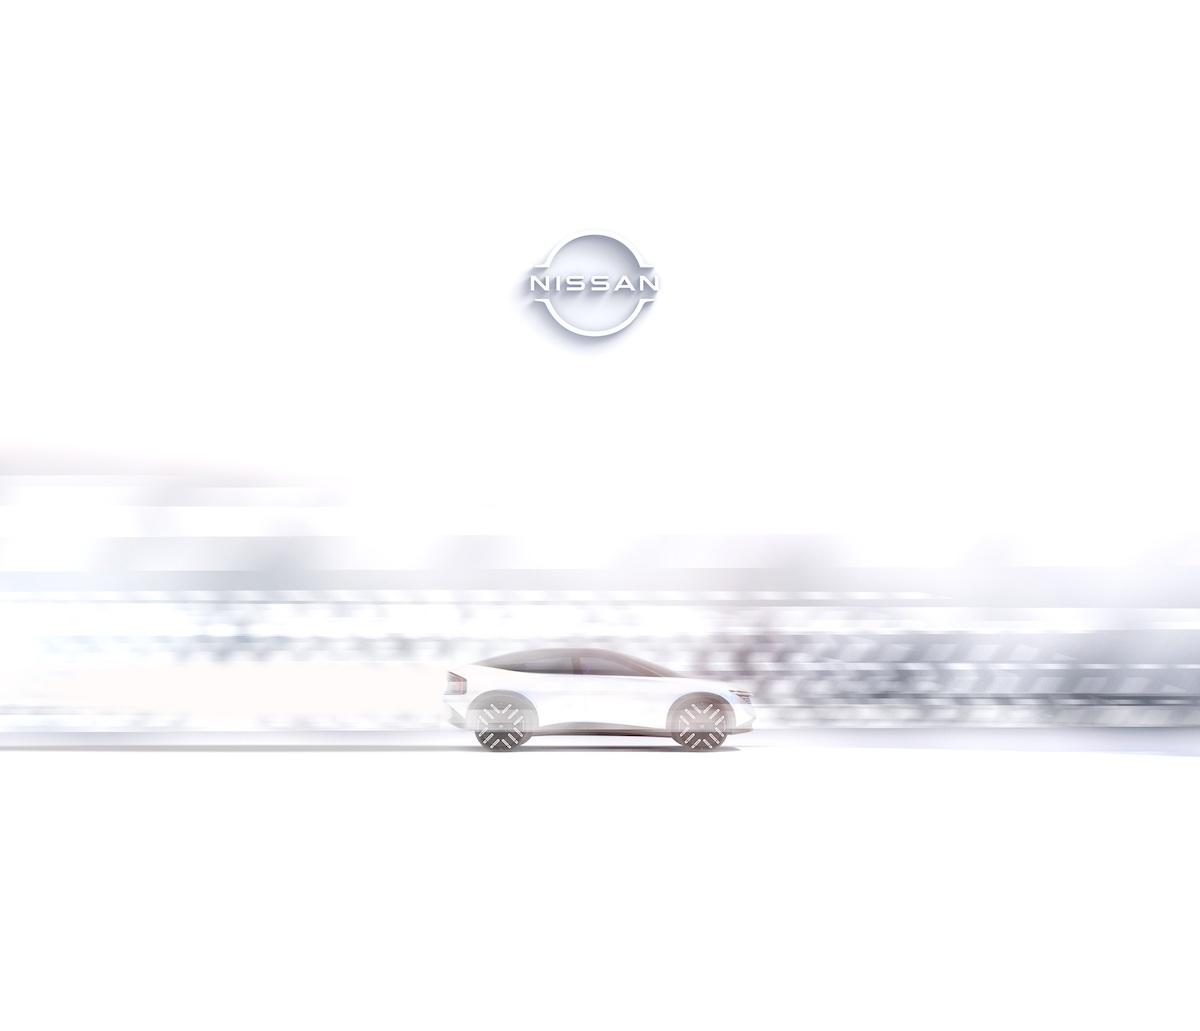 20210701_New EV crossover teaser image-source.jpg